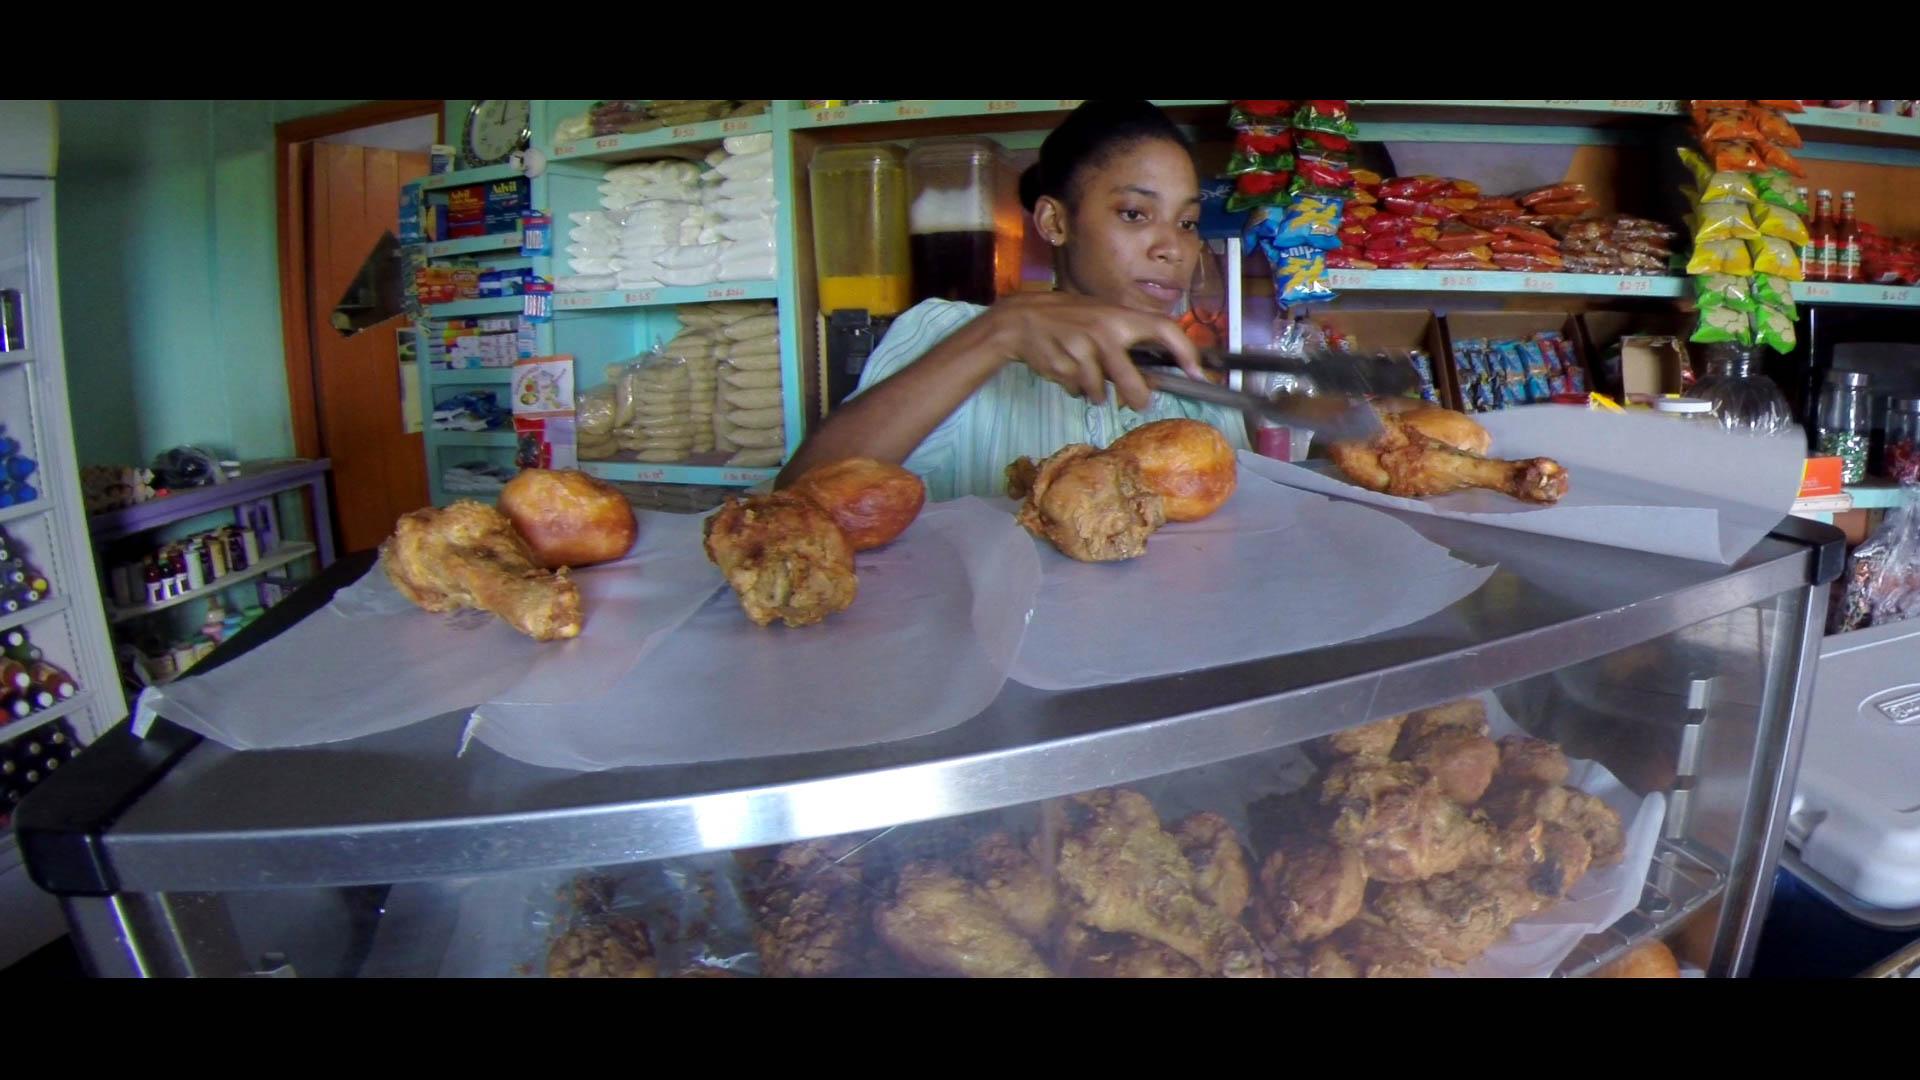 Chicken and Bake - Video Still